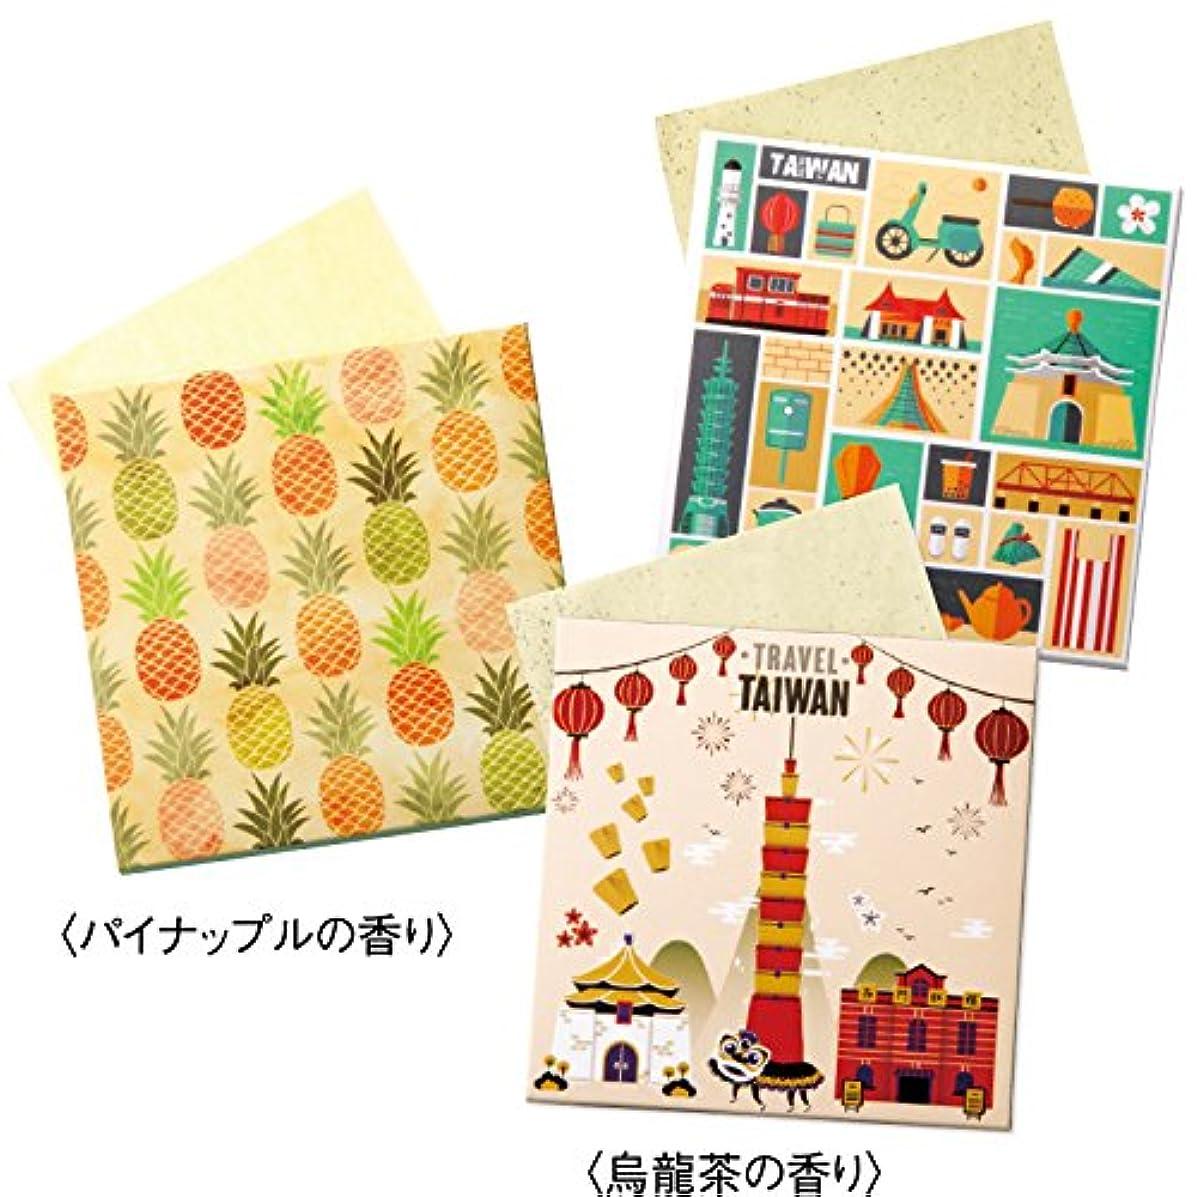 封建選ぶ感動する台湾 土産 台湾 あぶらとり紙 3コセット (海外旅行 台湾 お土産)